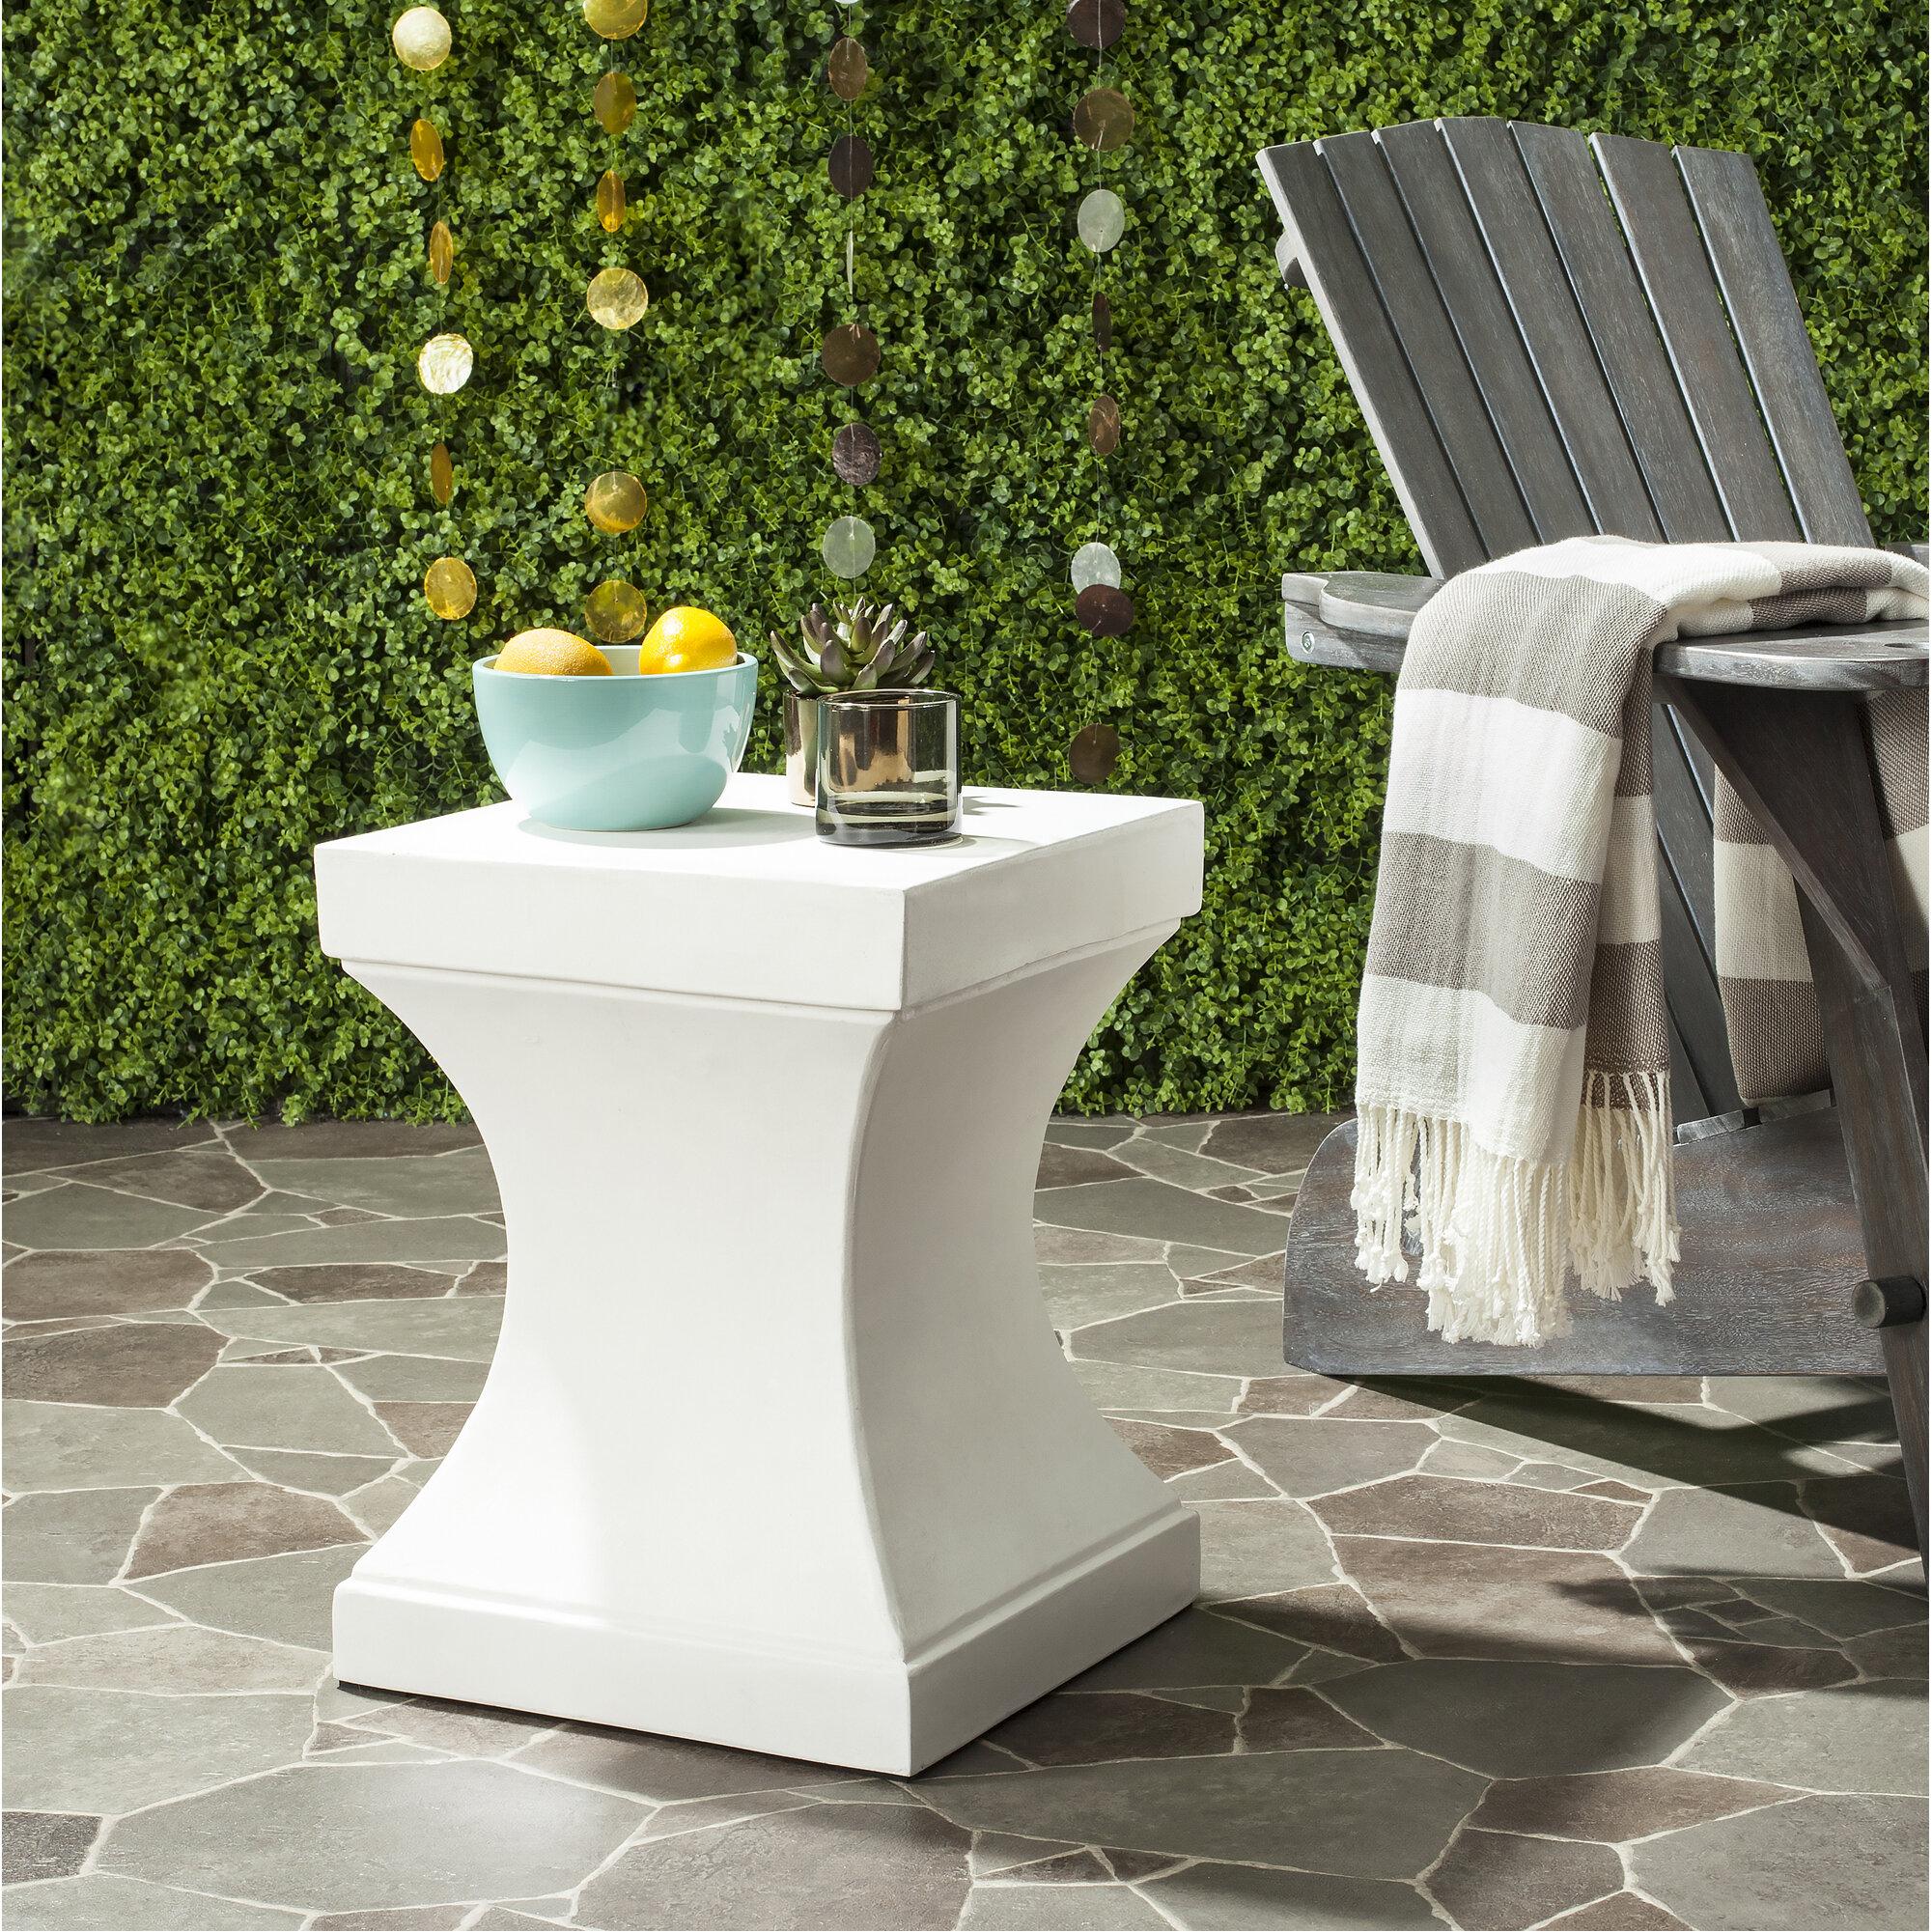 Trent Austin Design Chestle Block End Table Reviews Wayfair